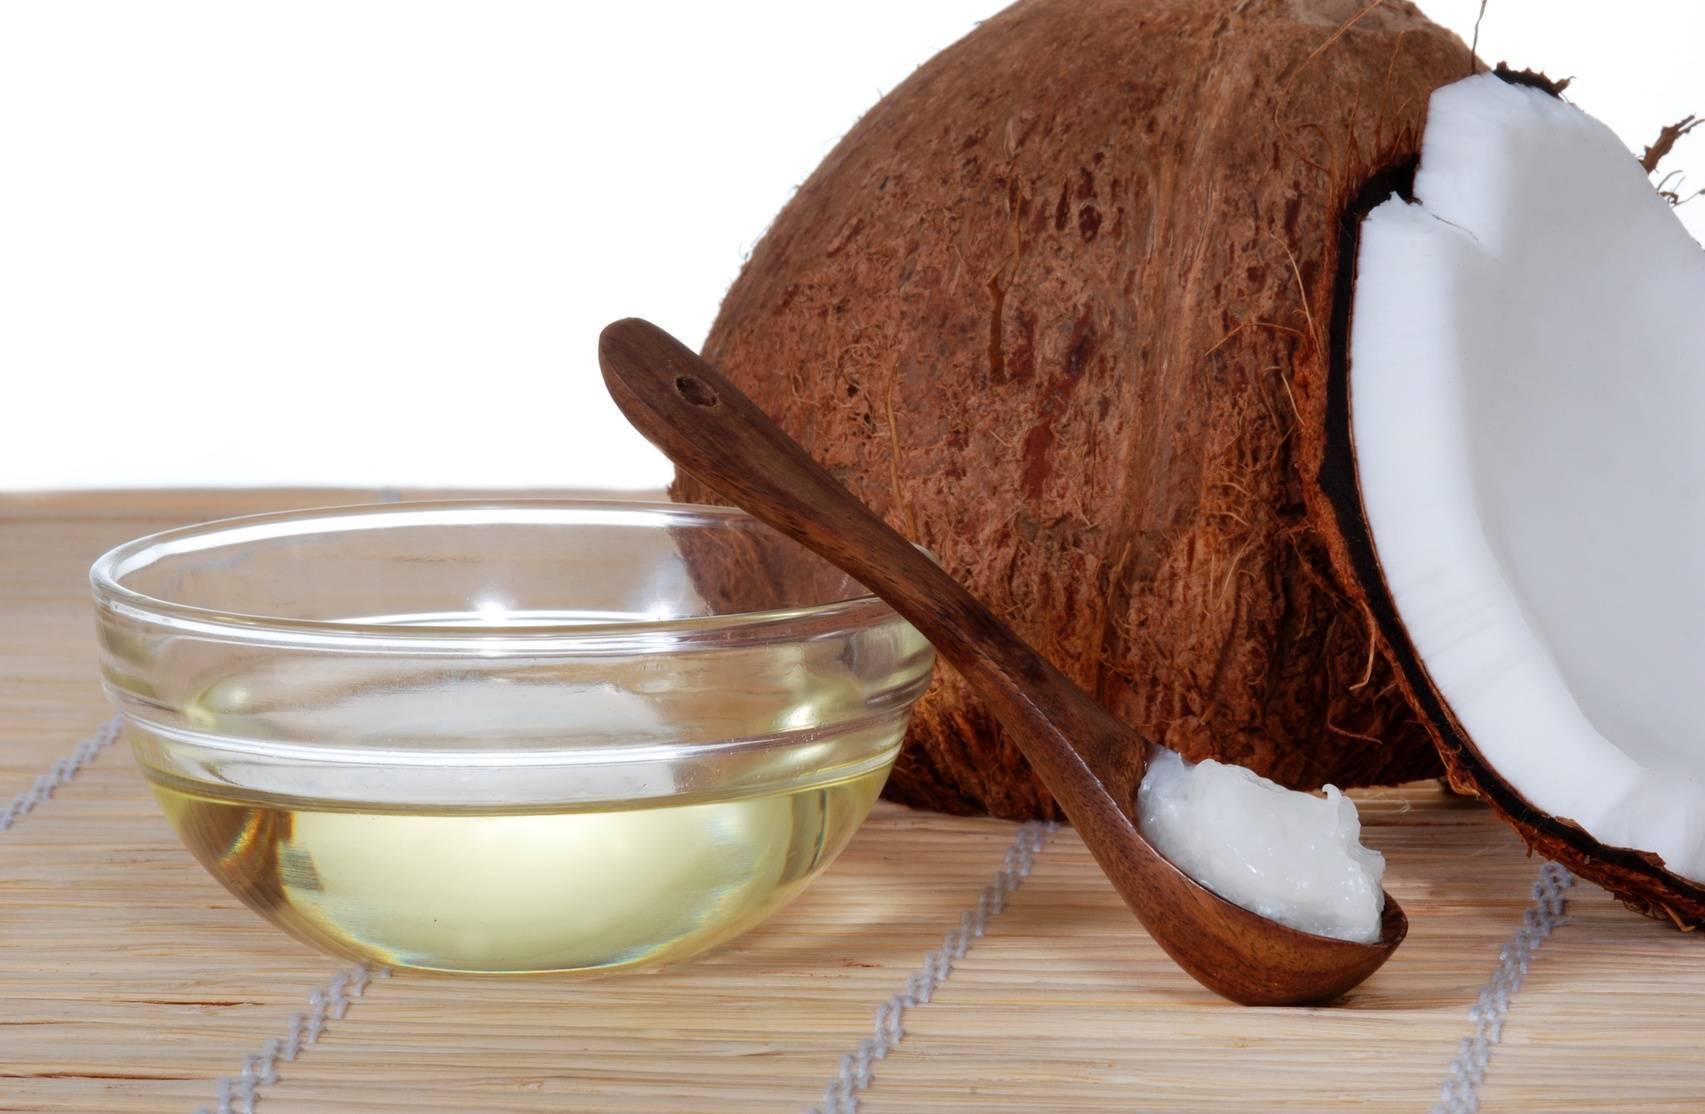 Кокосовое масло для еды (23 фото): польза, вред и применение пищевого масла, рецепты приготовления блюд и отзывы